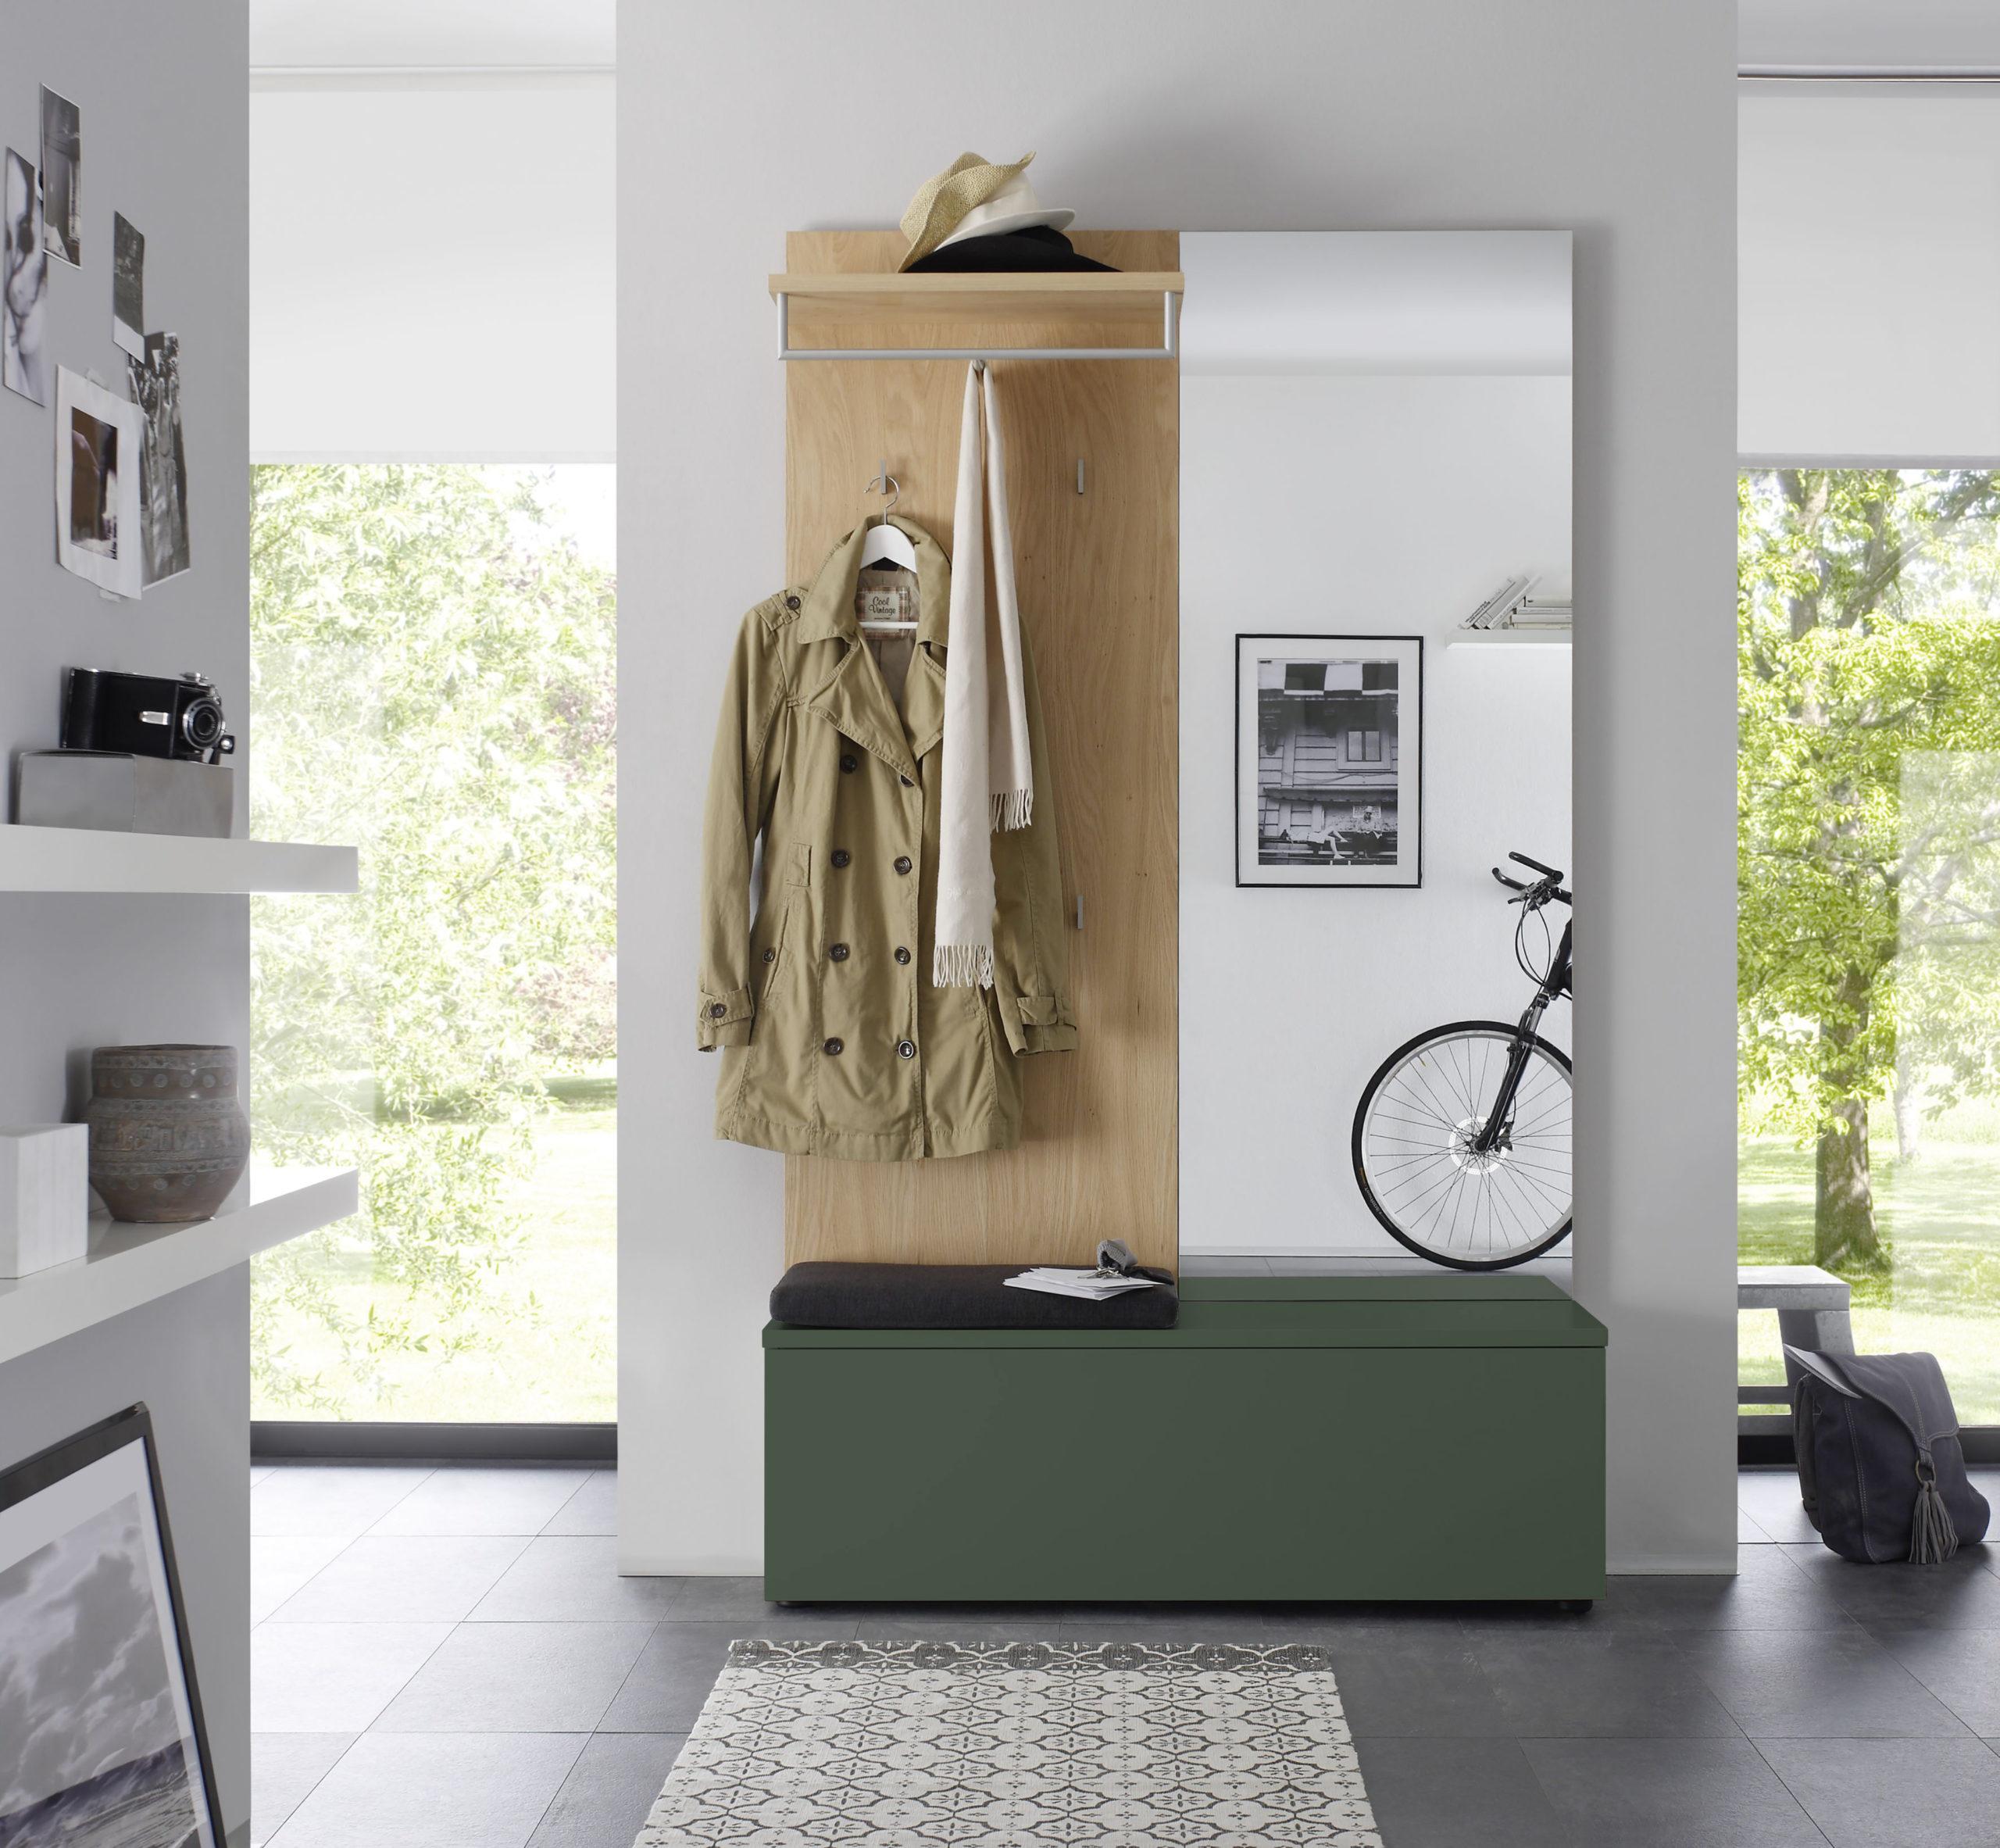 Sudbrock TANDO Garderobe in der Ausführung Ethno Eiche, Lack waldgrün #483